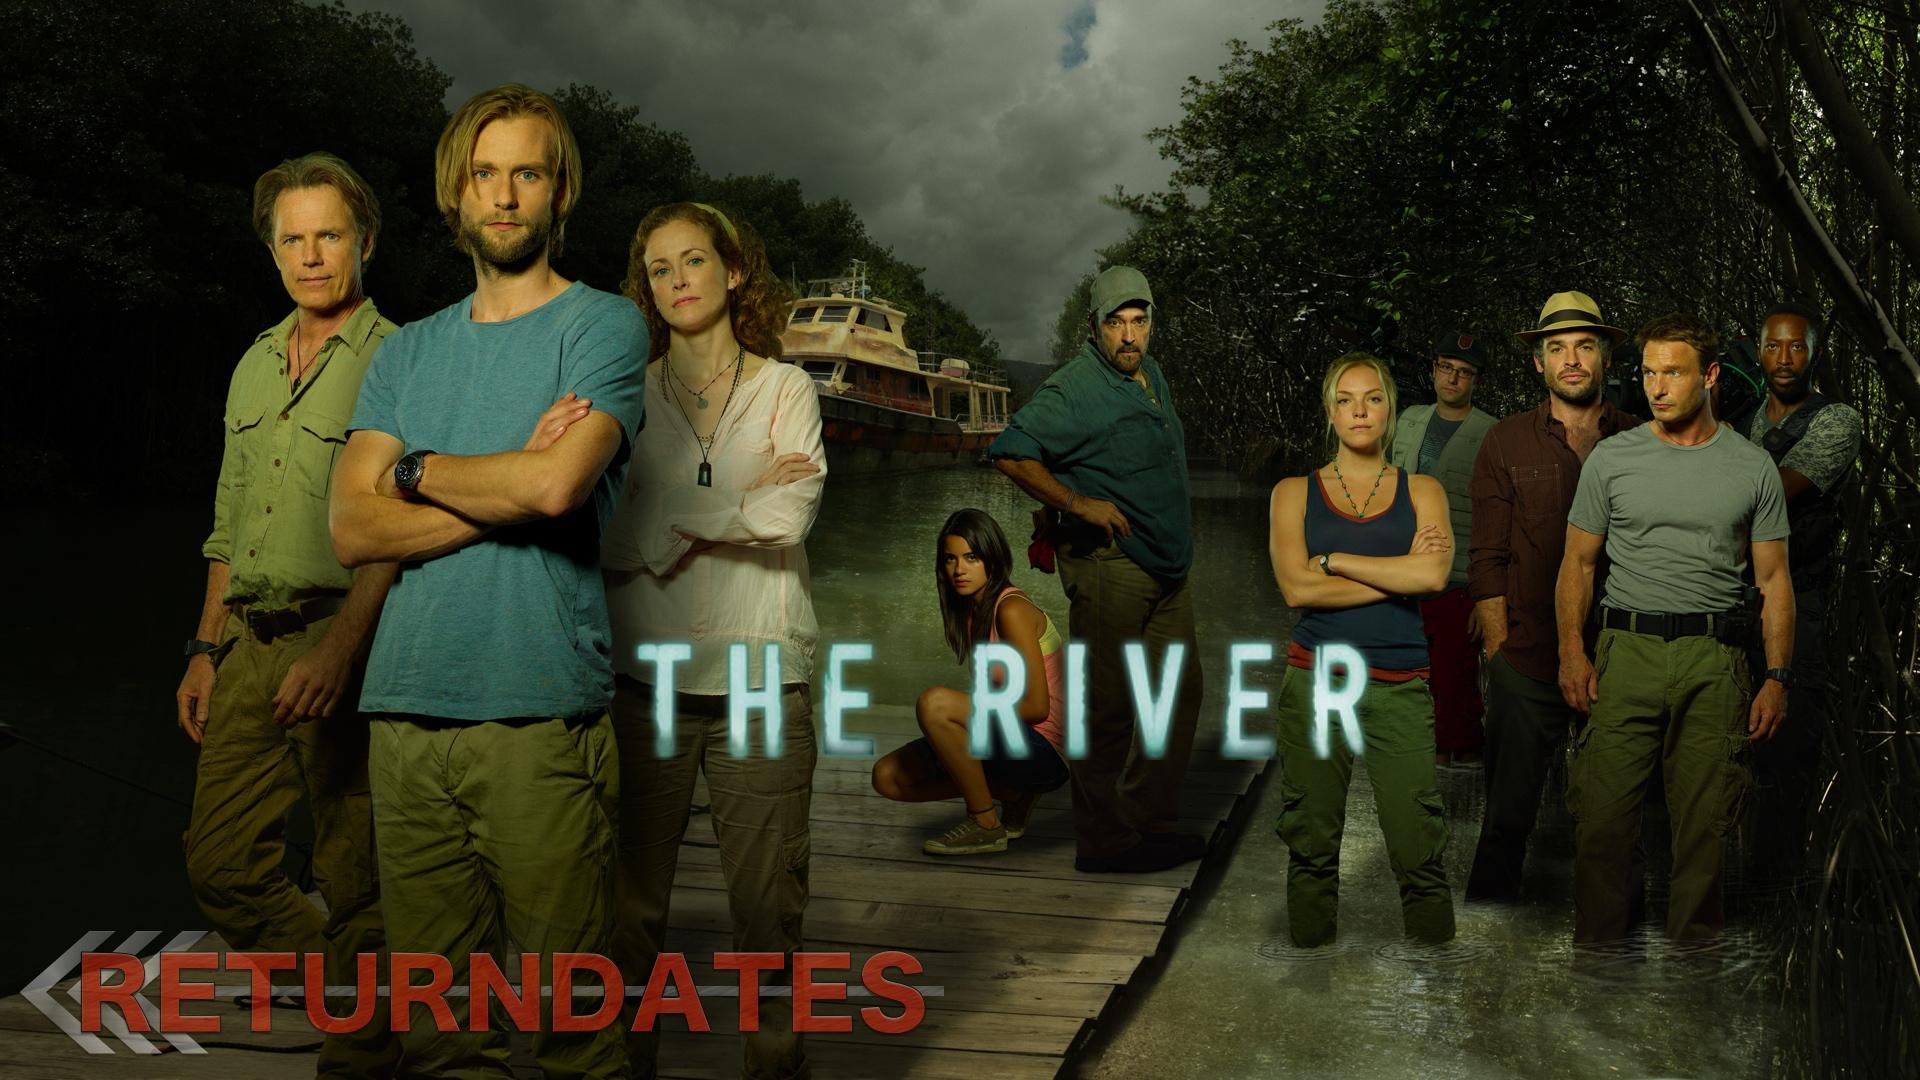 Tv show return dates